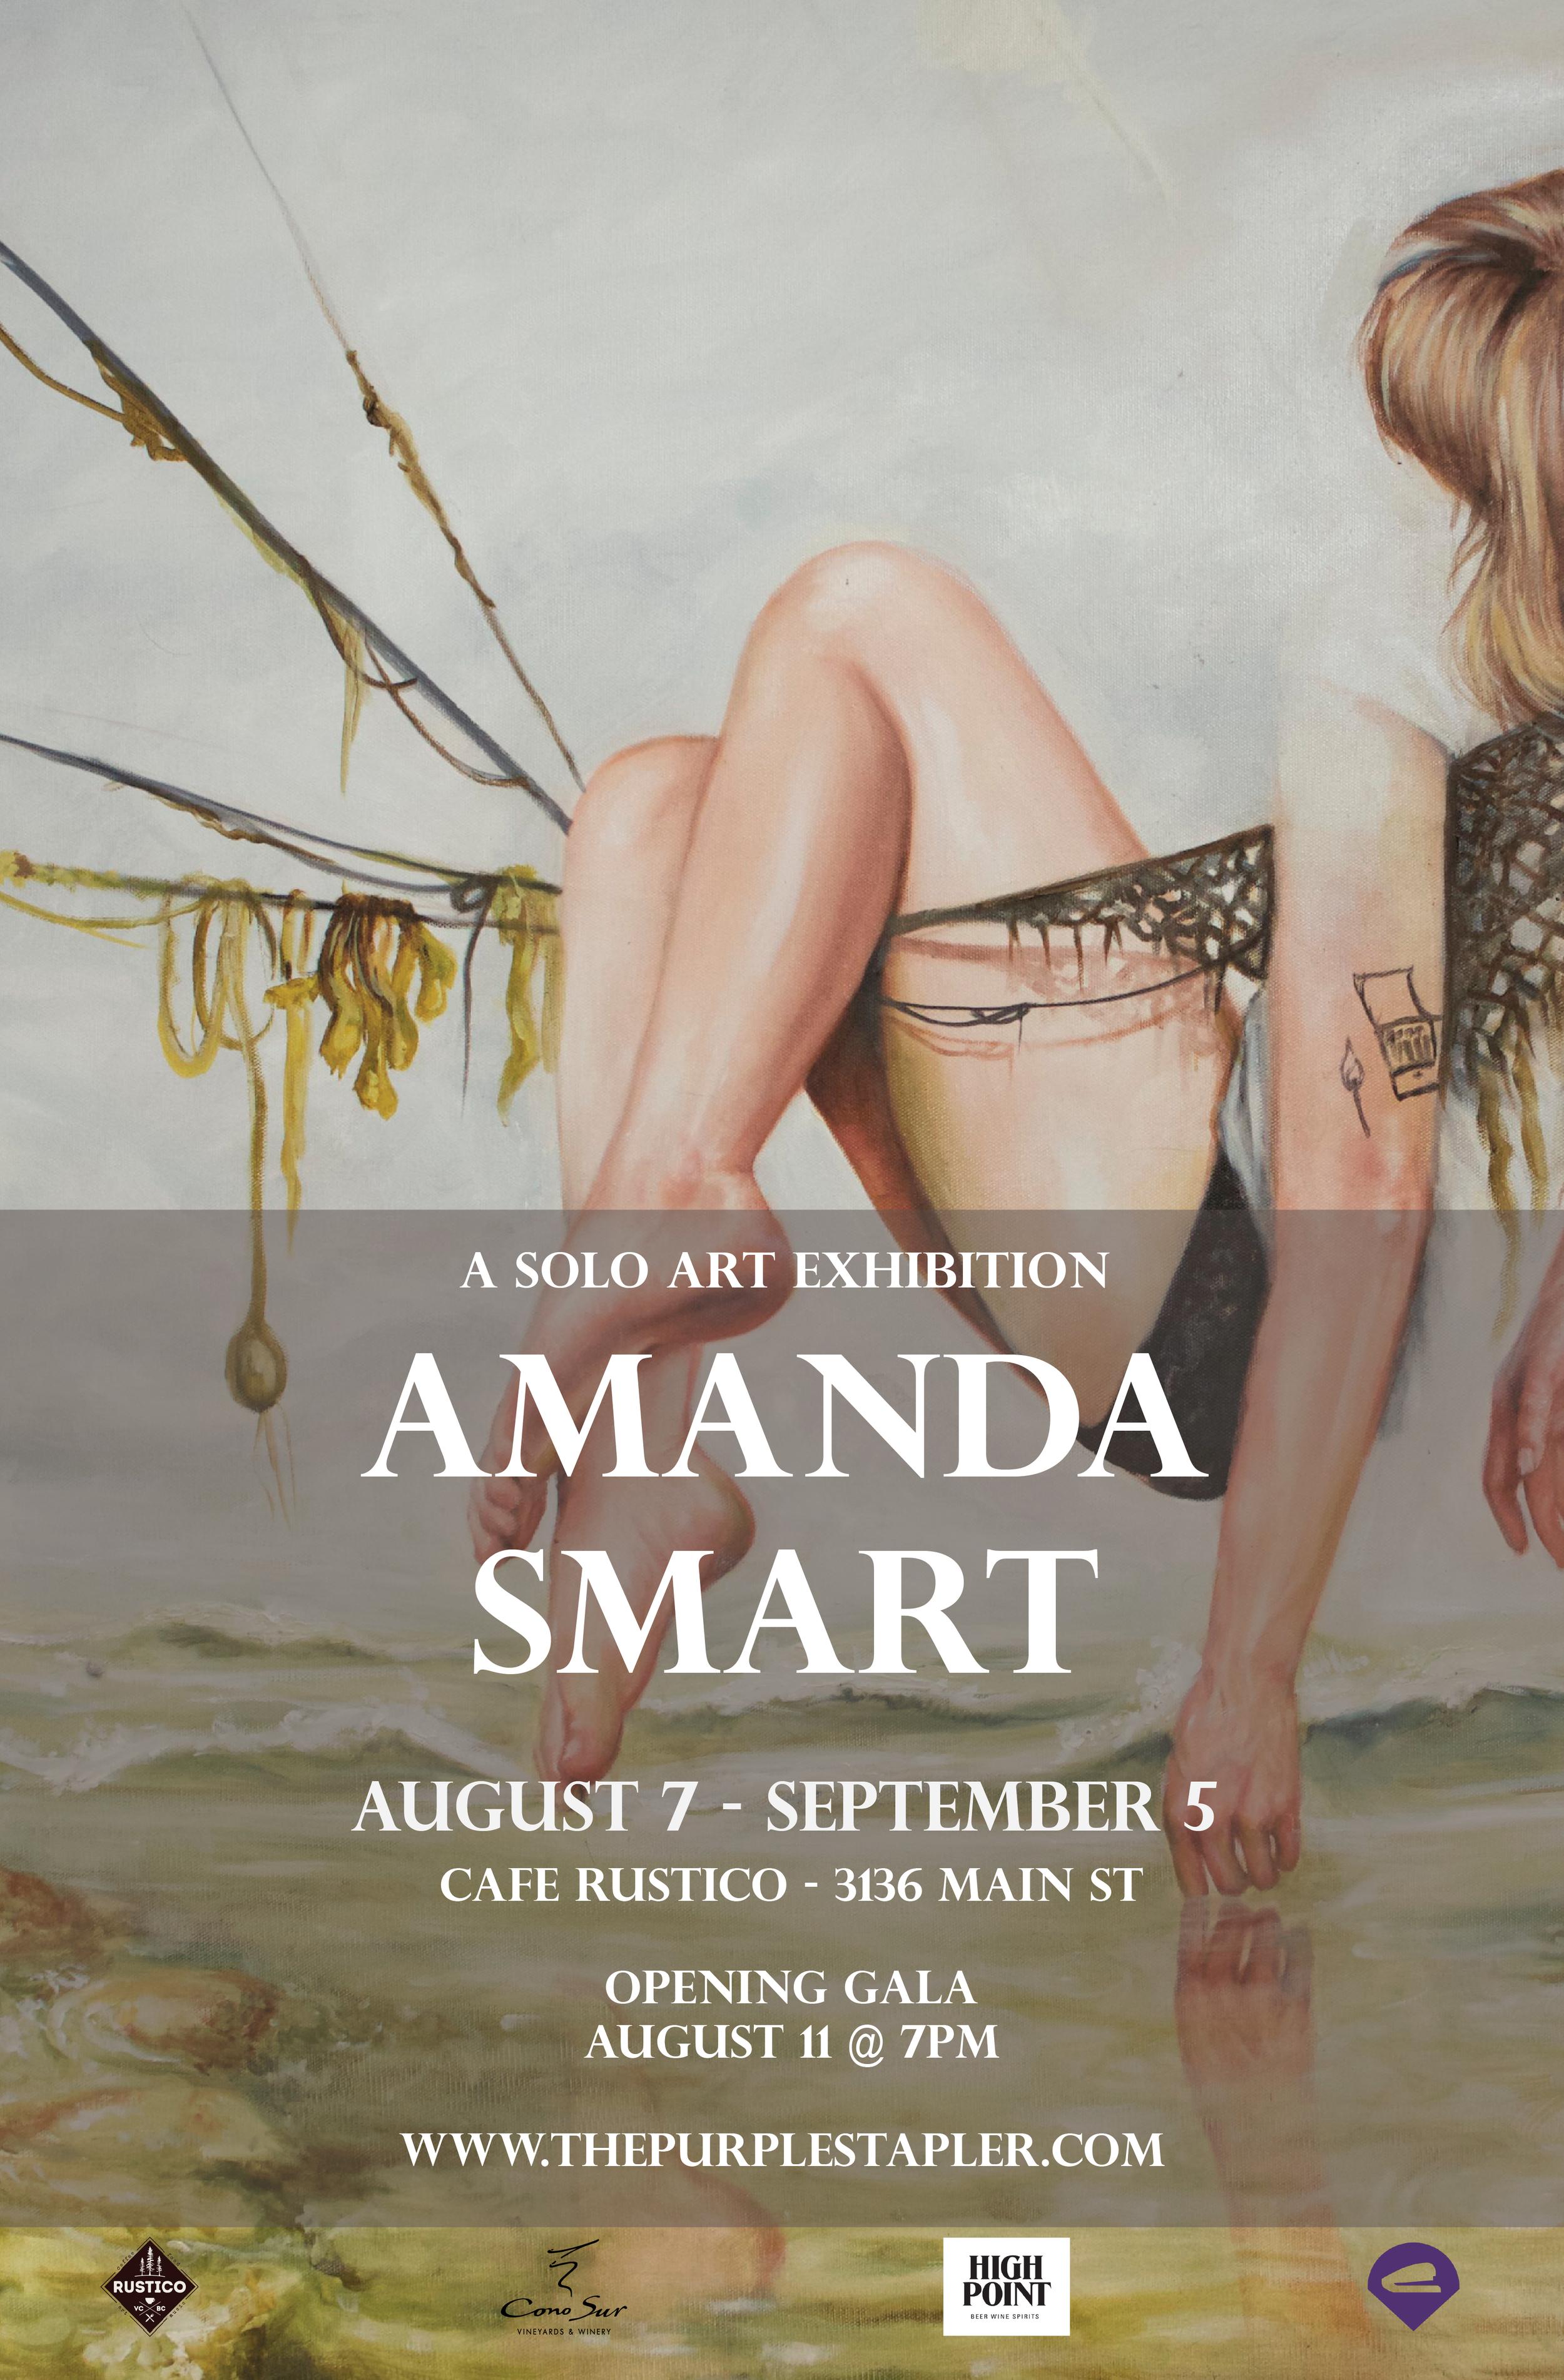 AmandaSmartPoster4-01.png